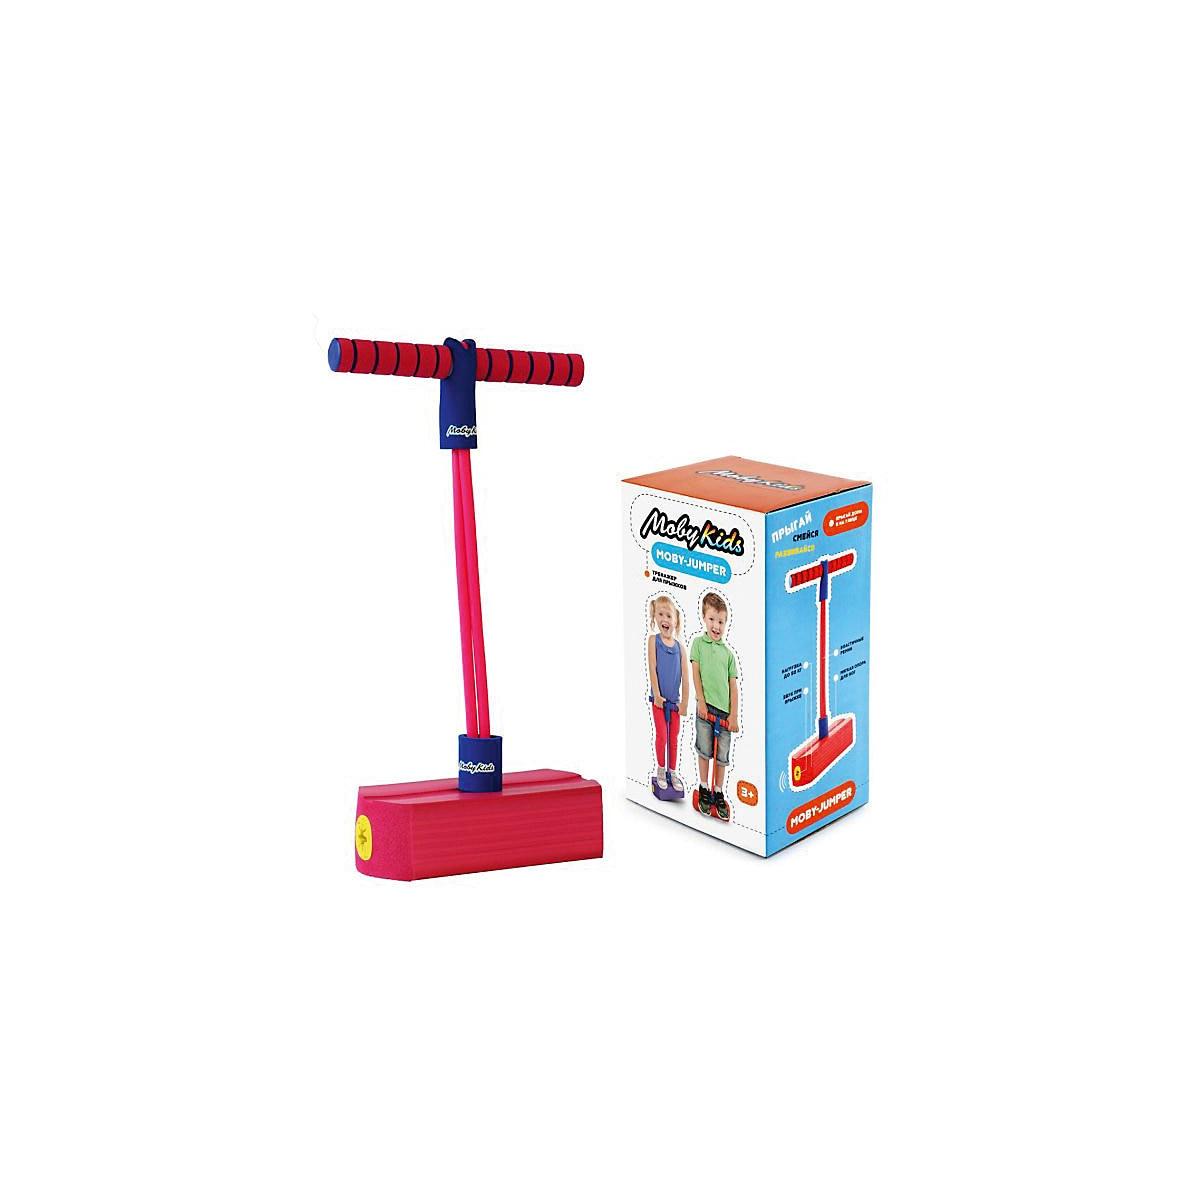 MOBY enfants bébé activité gymnastique 7920775 bambin jouets exercice machine pour sauter pour les filles et les garçons MTpromo